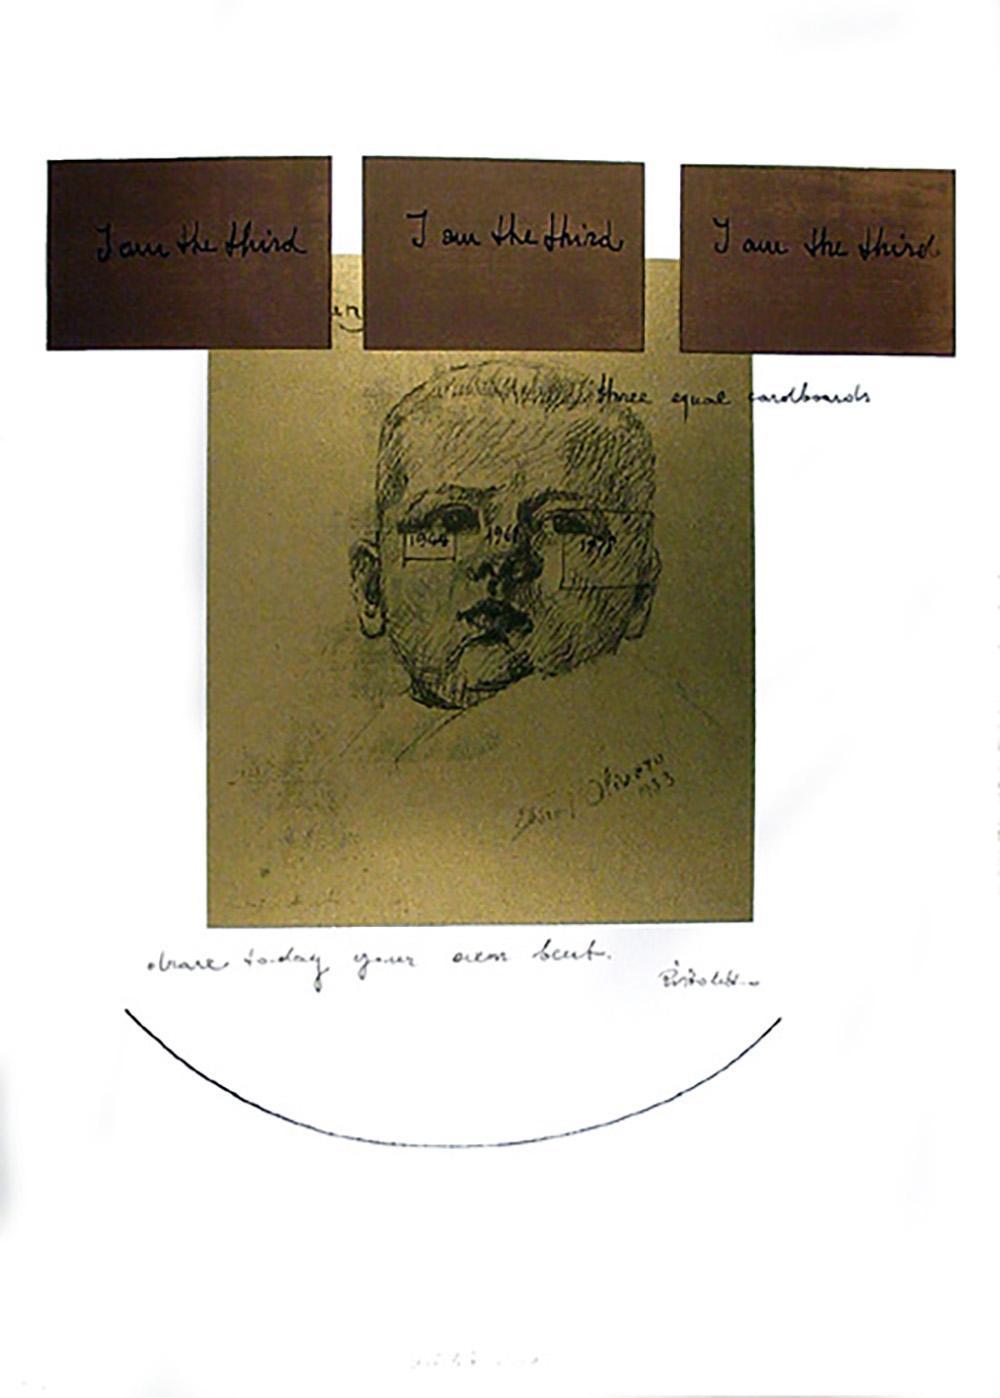 MICHELANGELO PISTOLETTO, NO. 1, SILKSCREEN